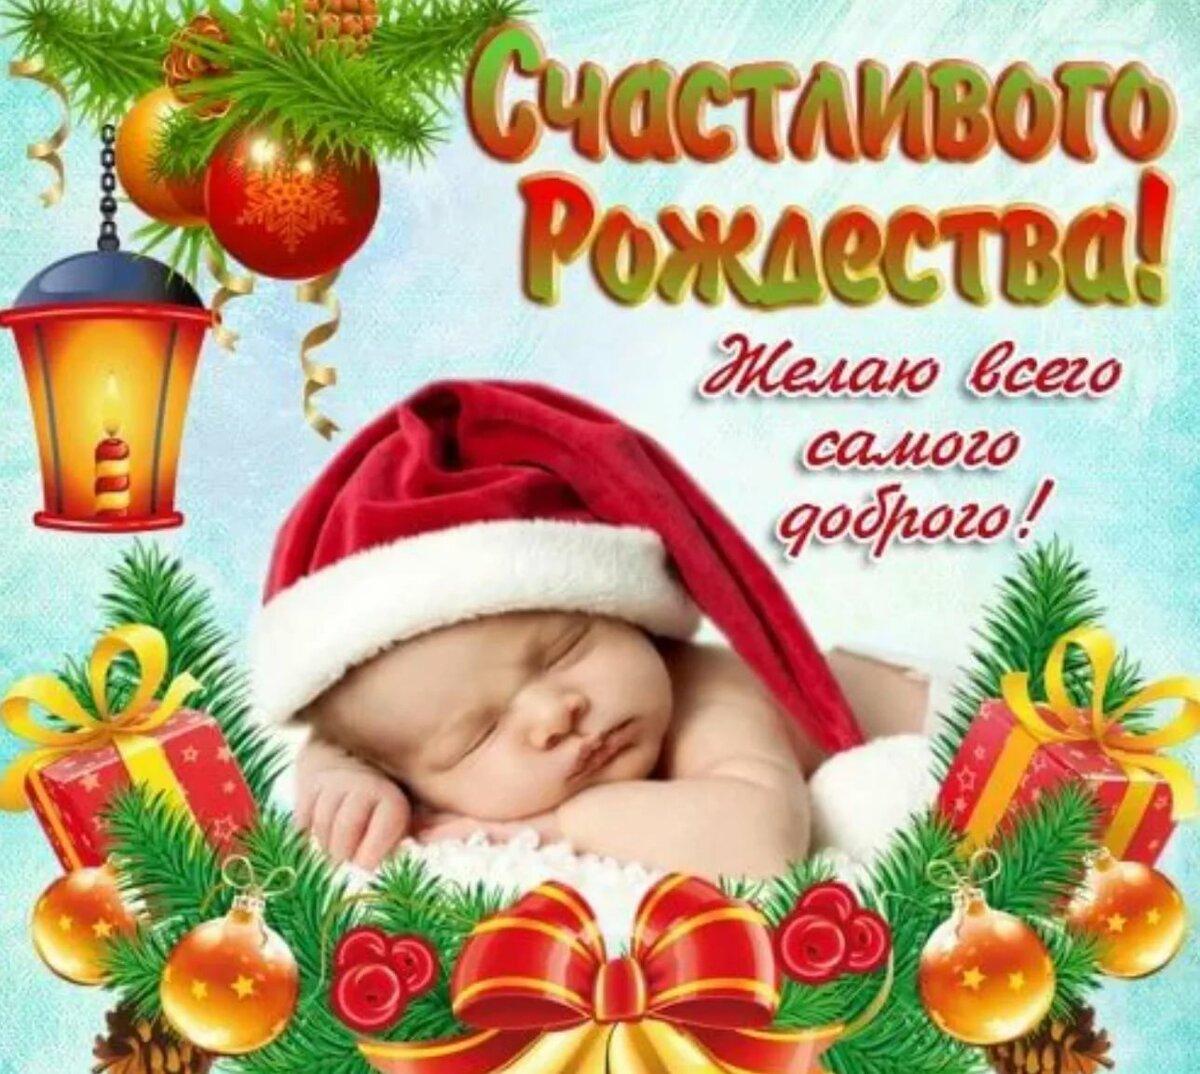 Прикольные поздравления с надписями с рождеством